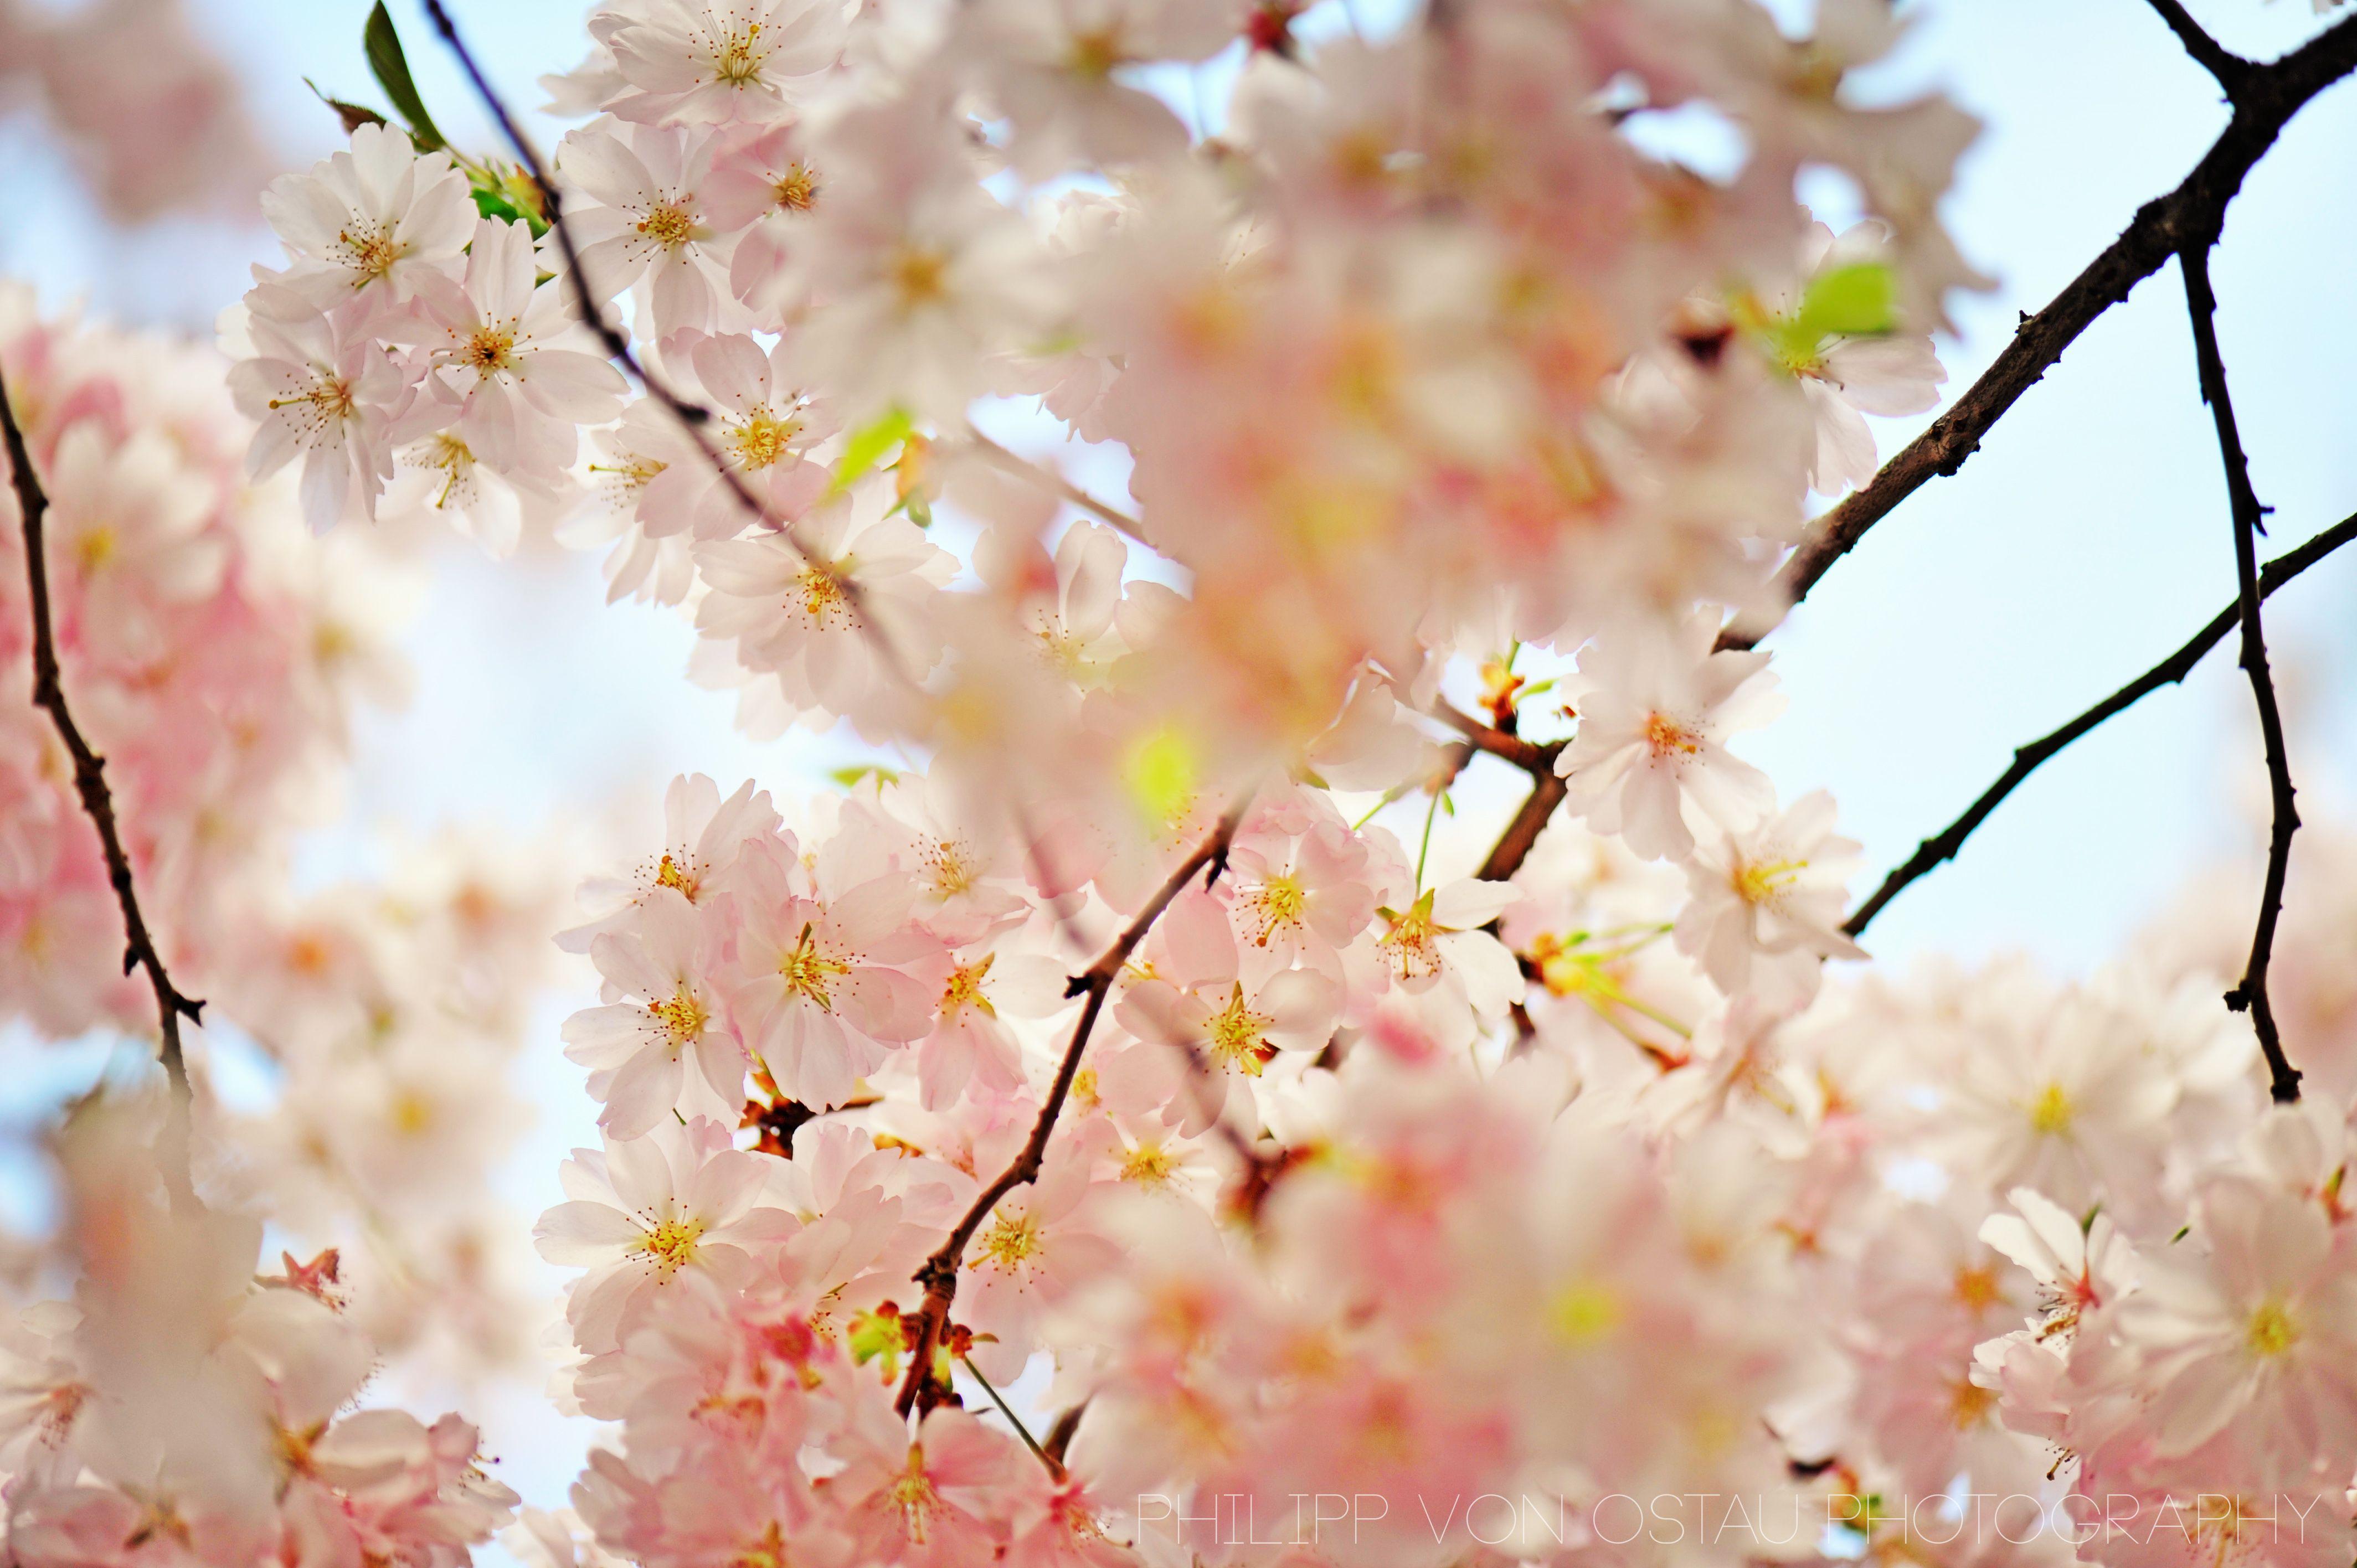 philipp von ostau photography  kirscheblüte - schloß dretzel - sachsen anhalt